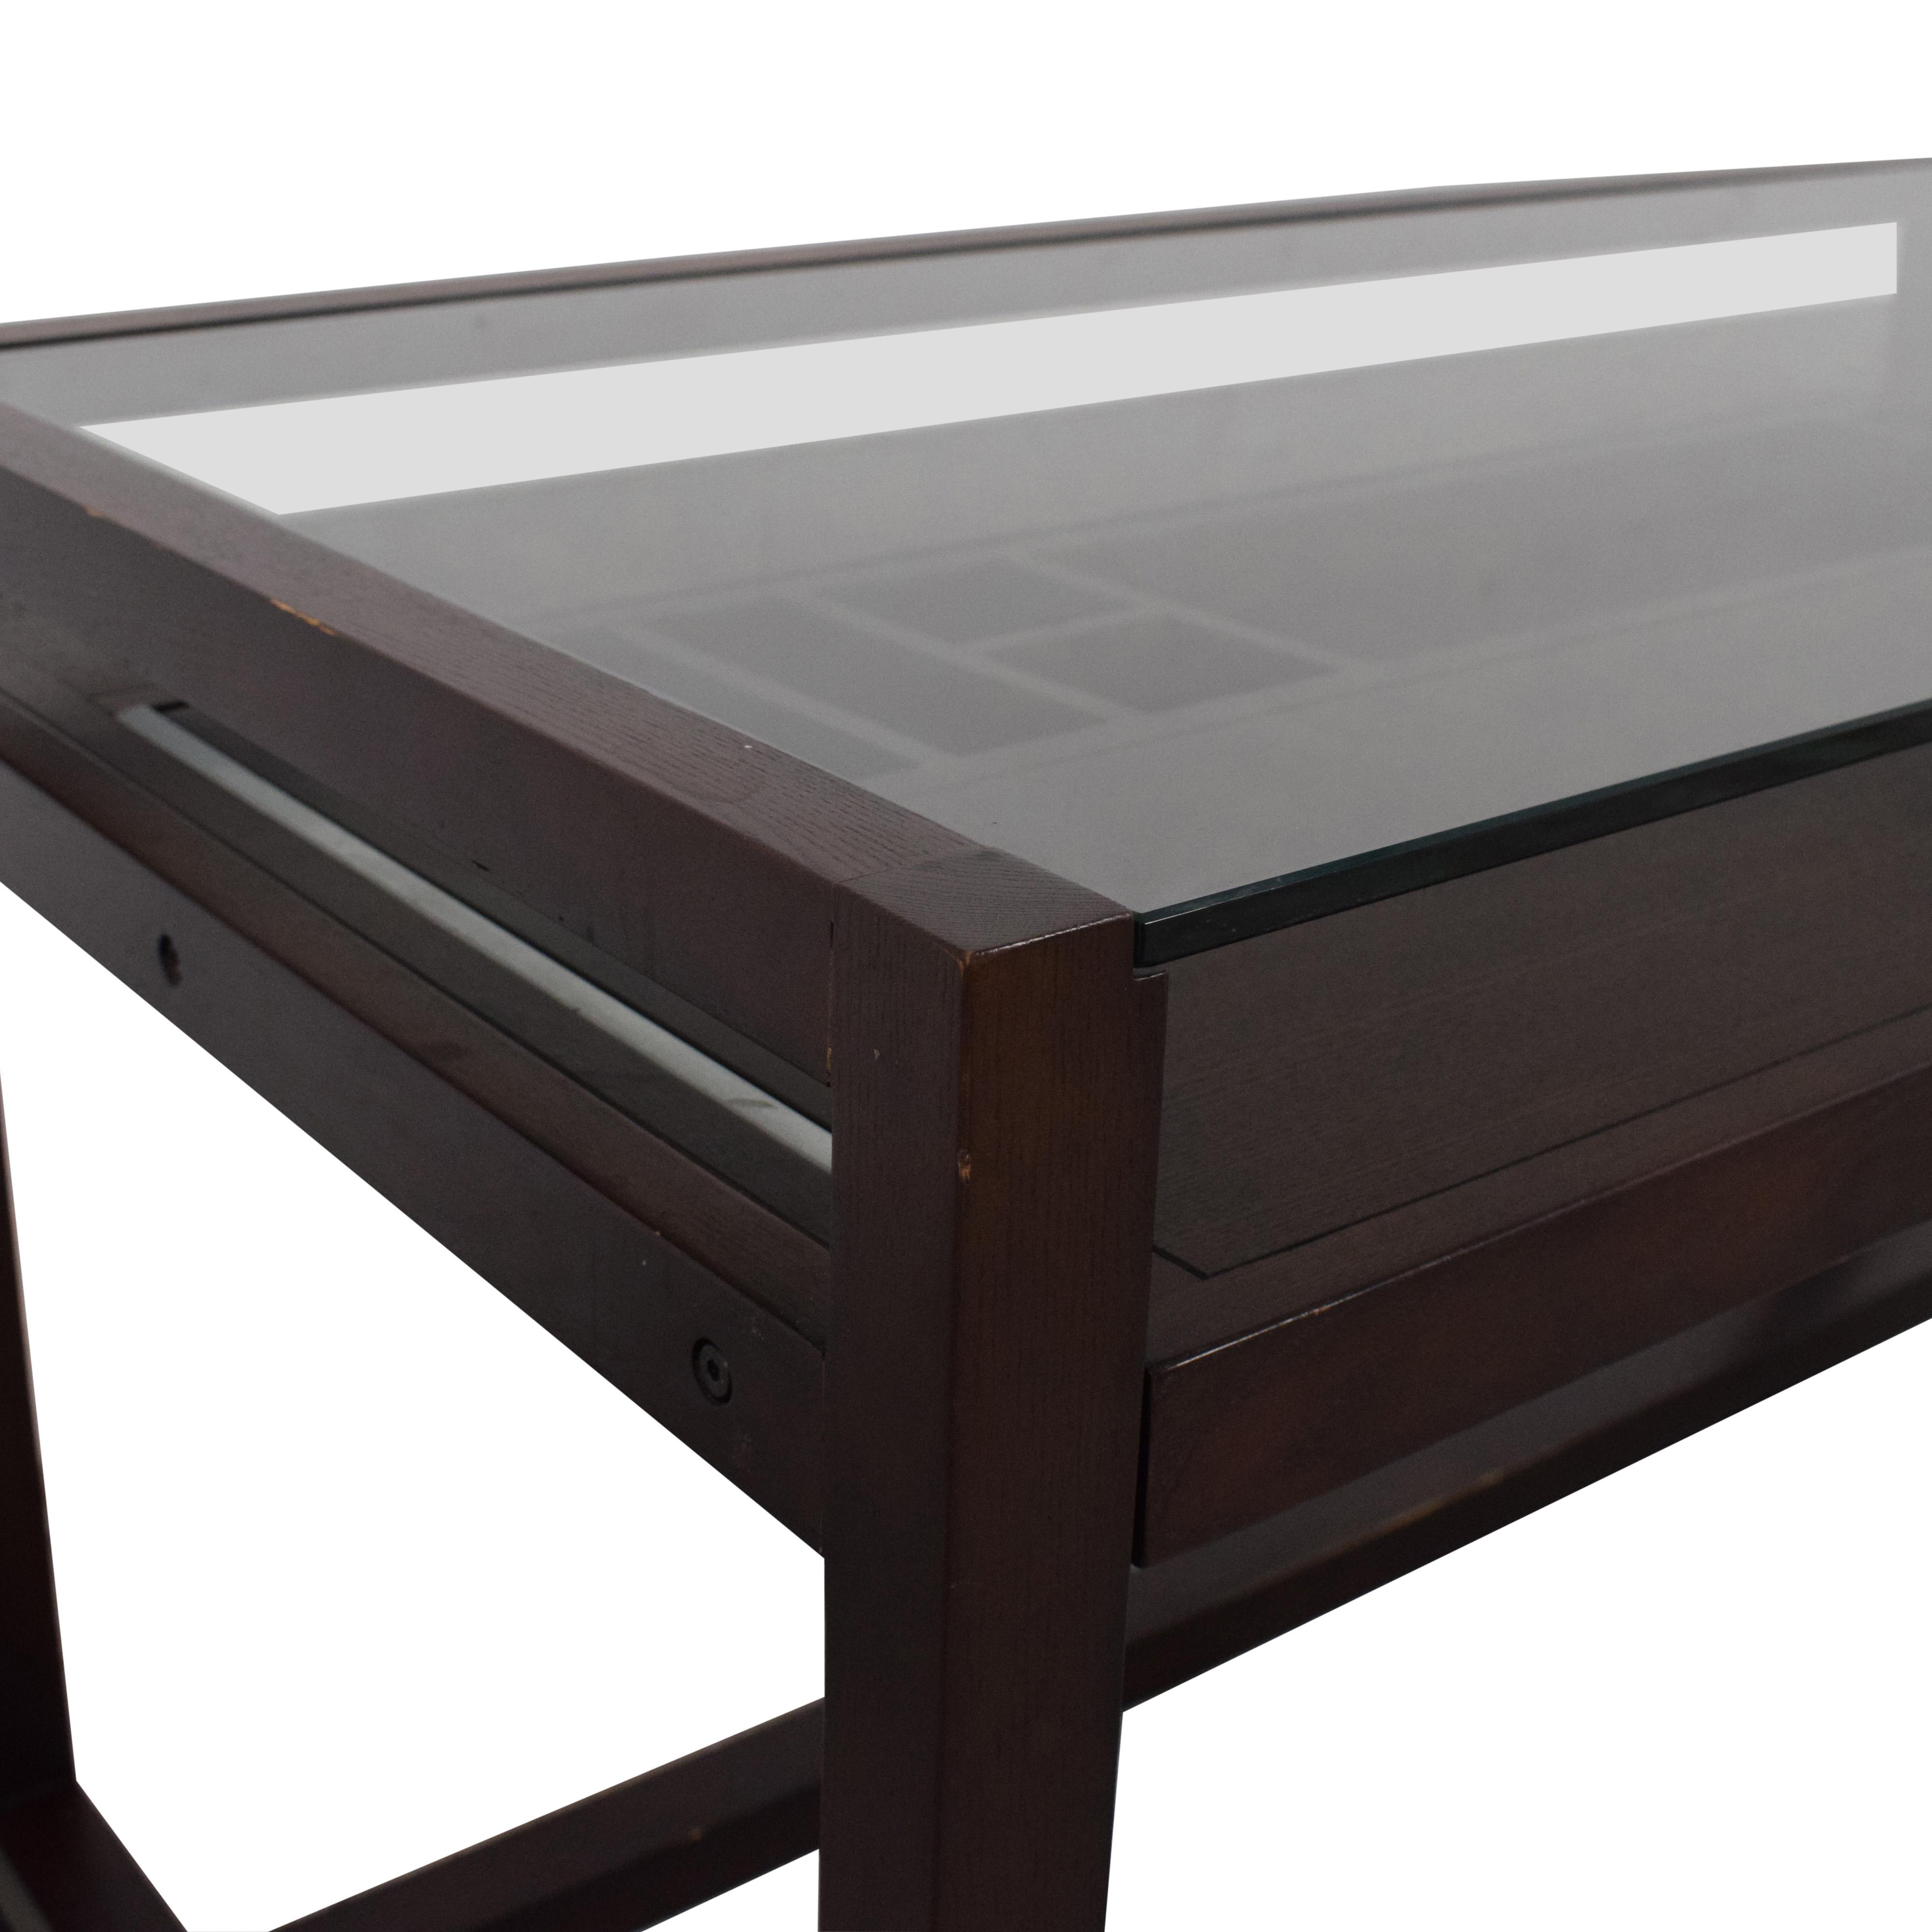 Crate & Barrel Crate & Barrel Drake Table dimensions